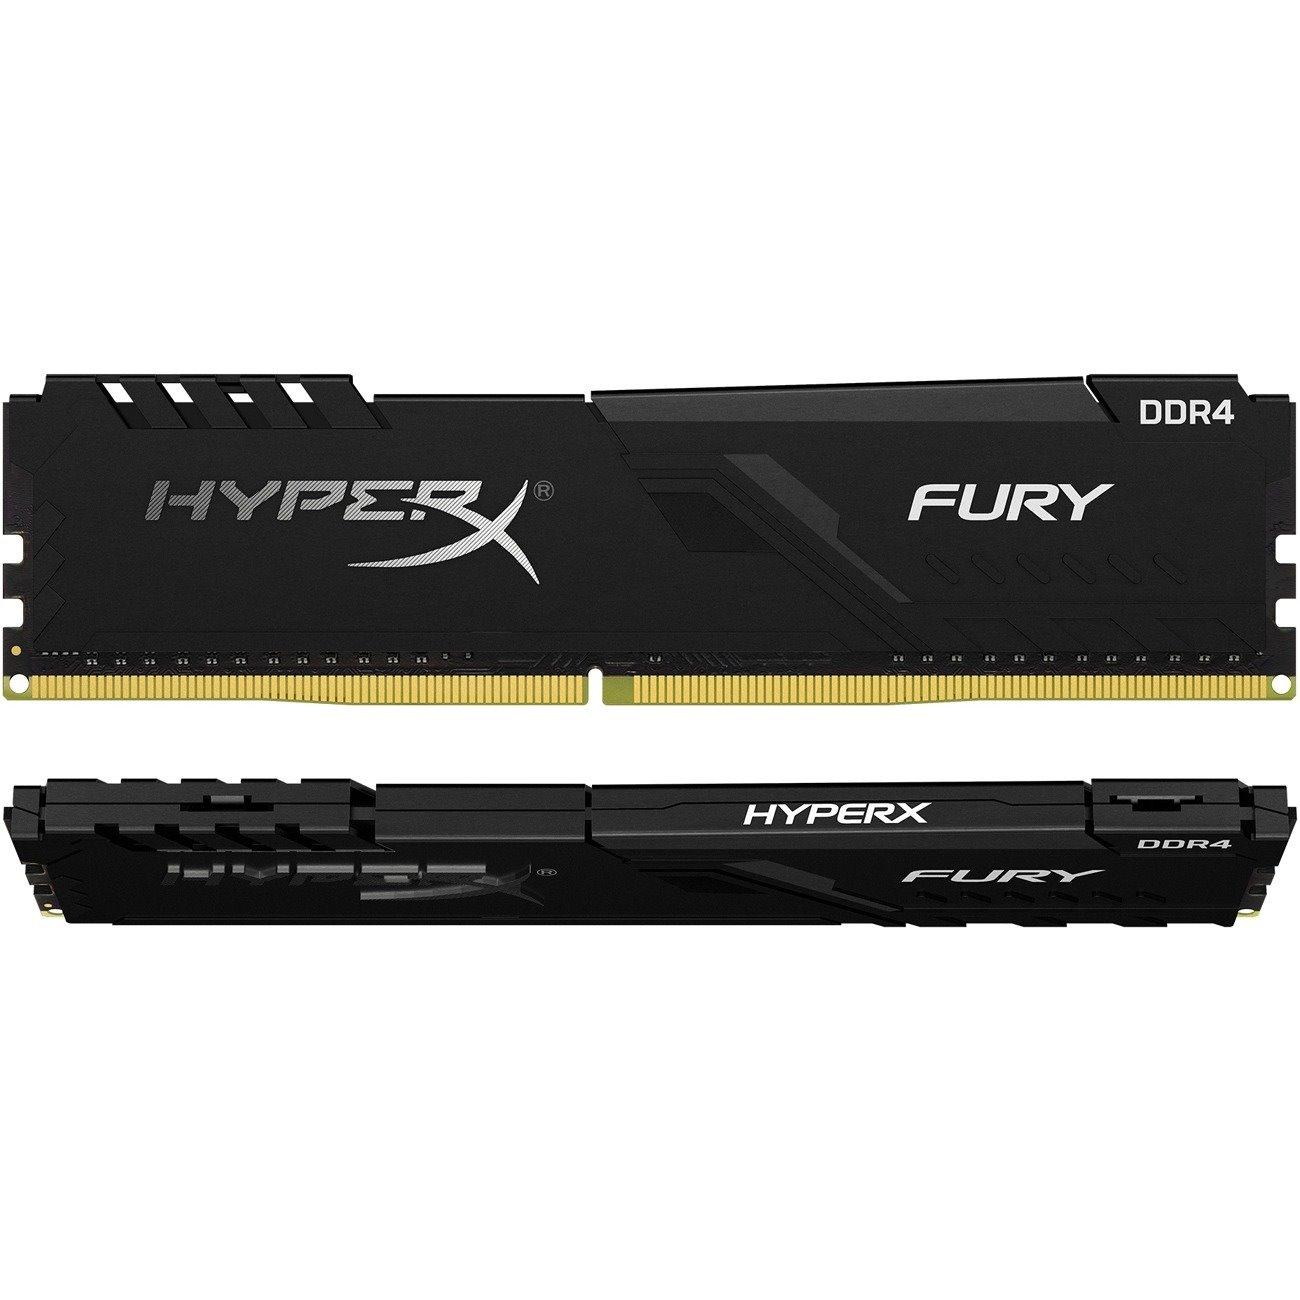 HyperX Fury RAM Module for Desktop PC - 8 GB (2 x 4 GB) - DDR4-2400/PC4-19200 DDR4 SDRAM - CL15 - 1.20 V